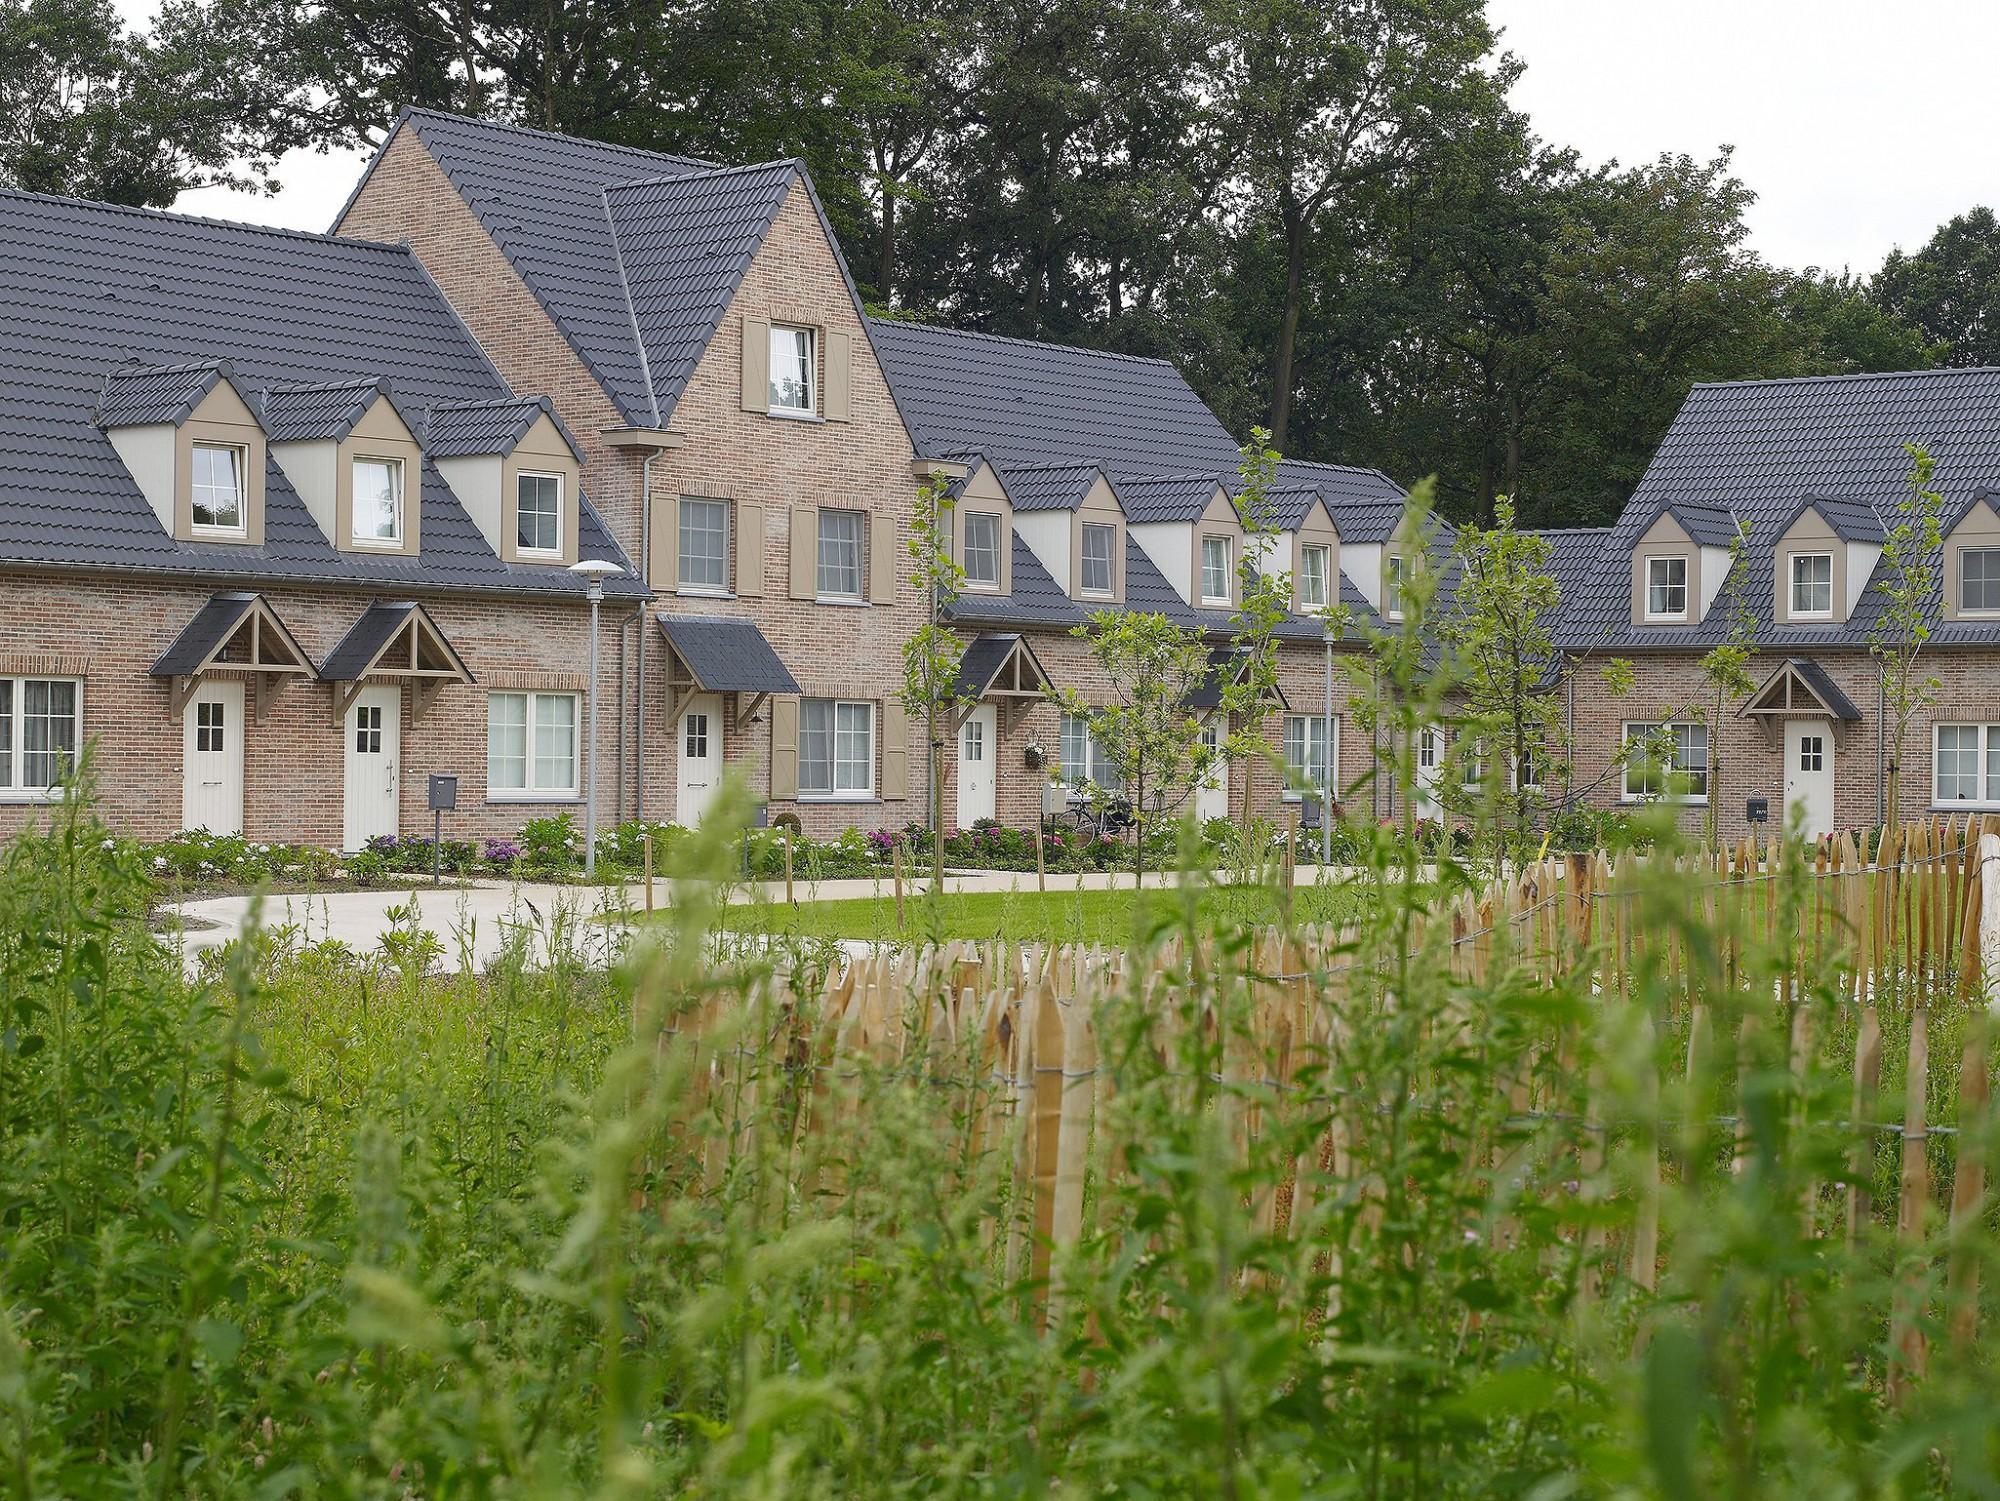 Afbeelding: Architectuur fotografie, klassiek woonproject Parkzicht te Lille, voor bouwonderneming RDK